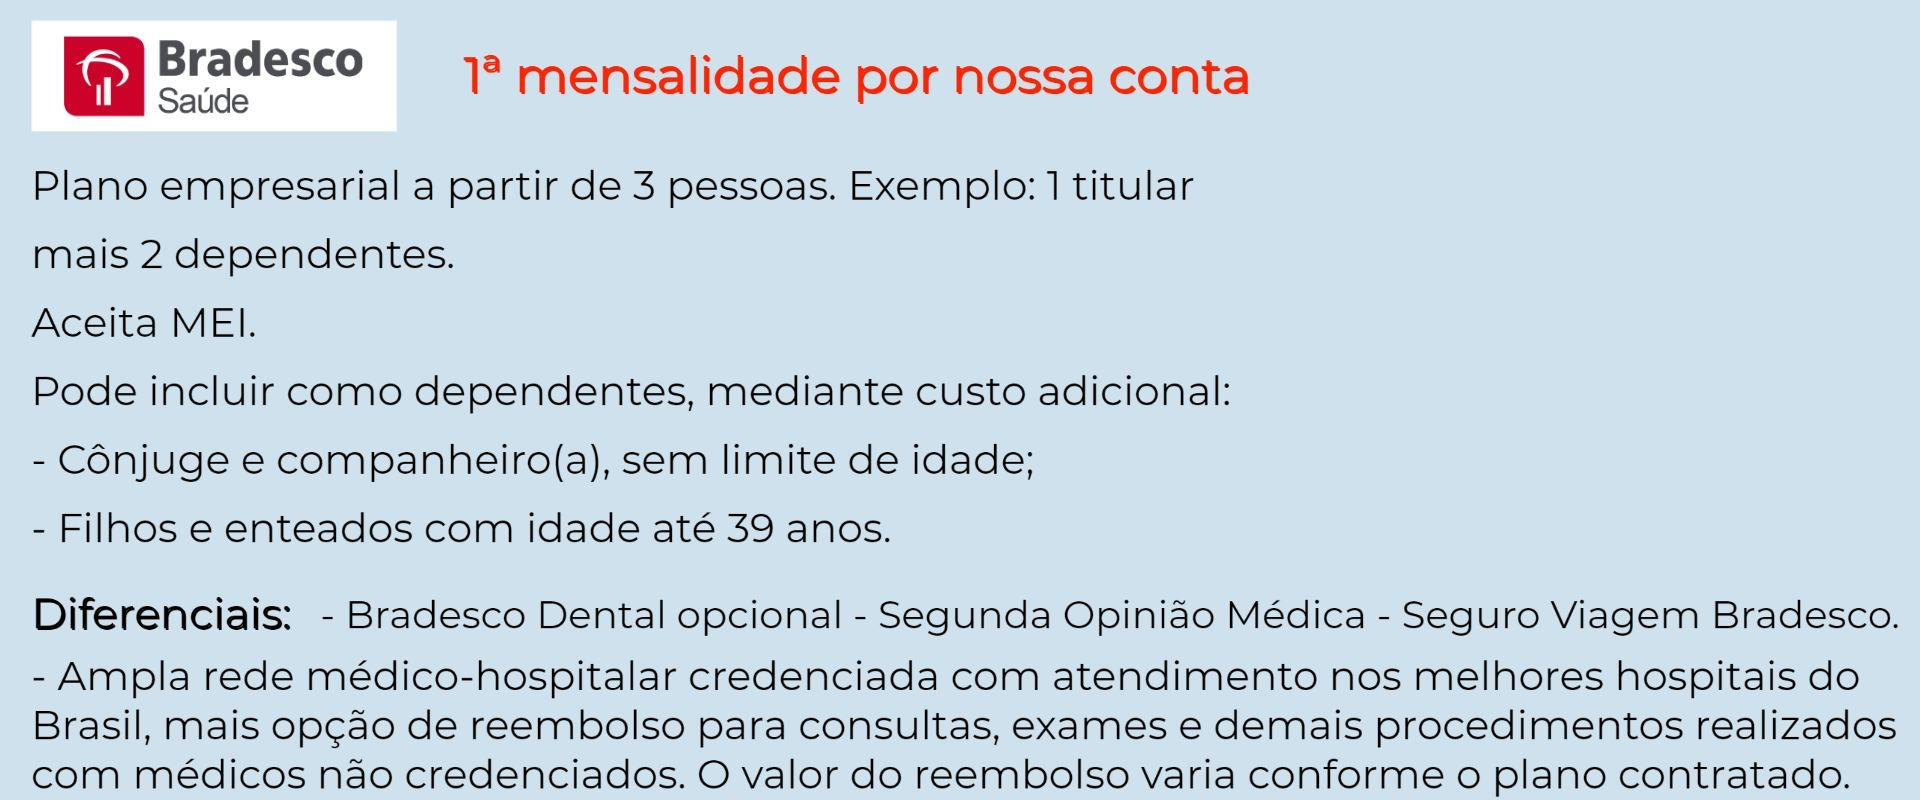 Bradesco Saúde Empresarial - Itatiba